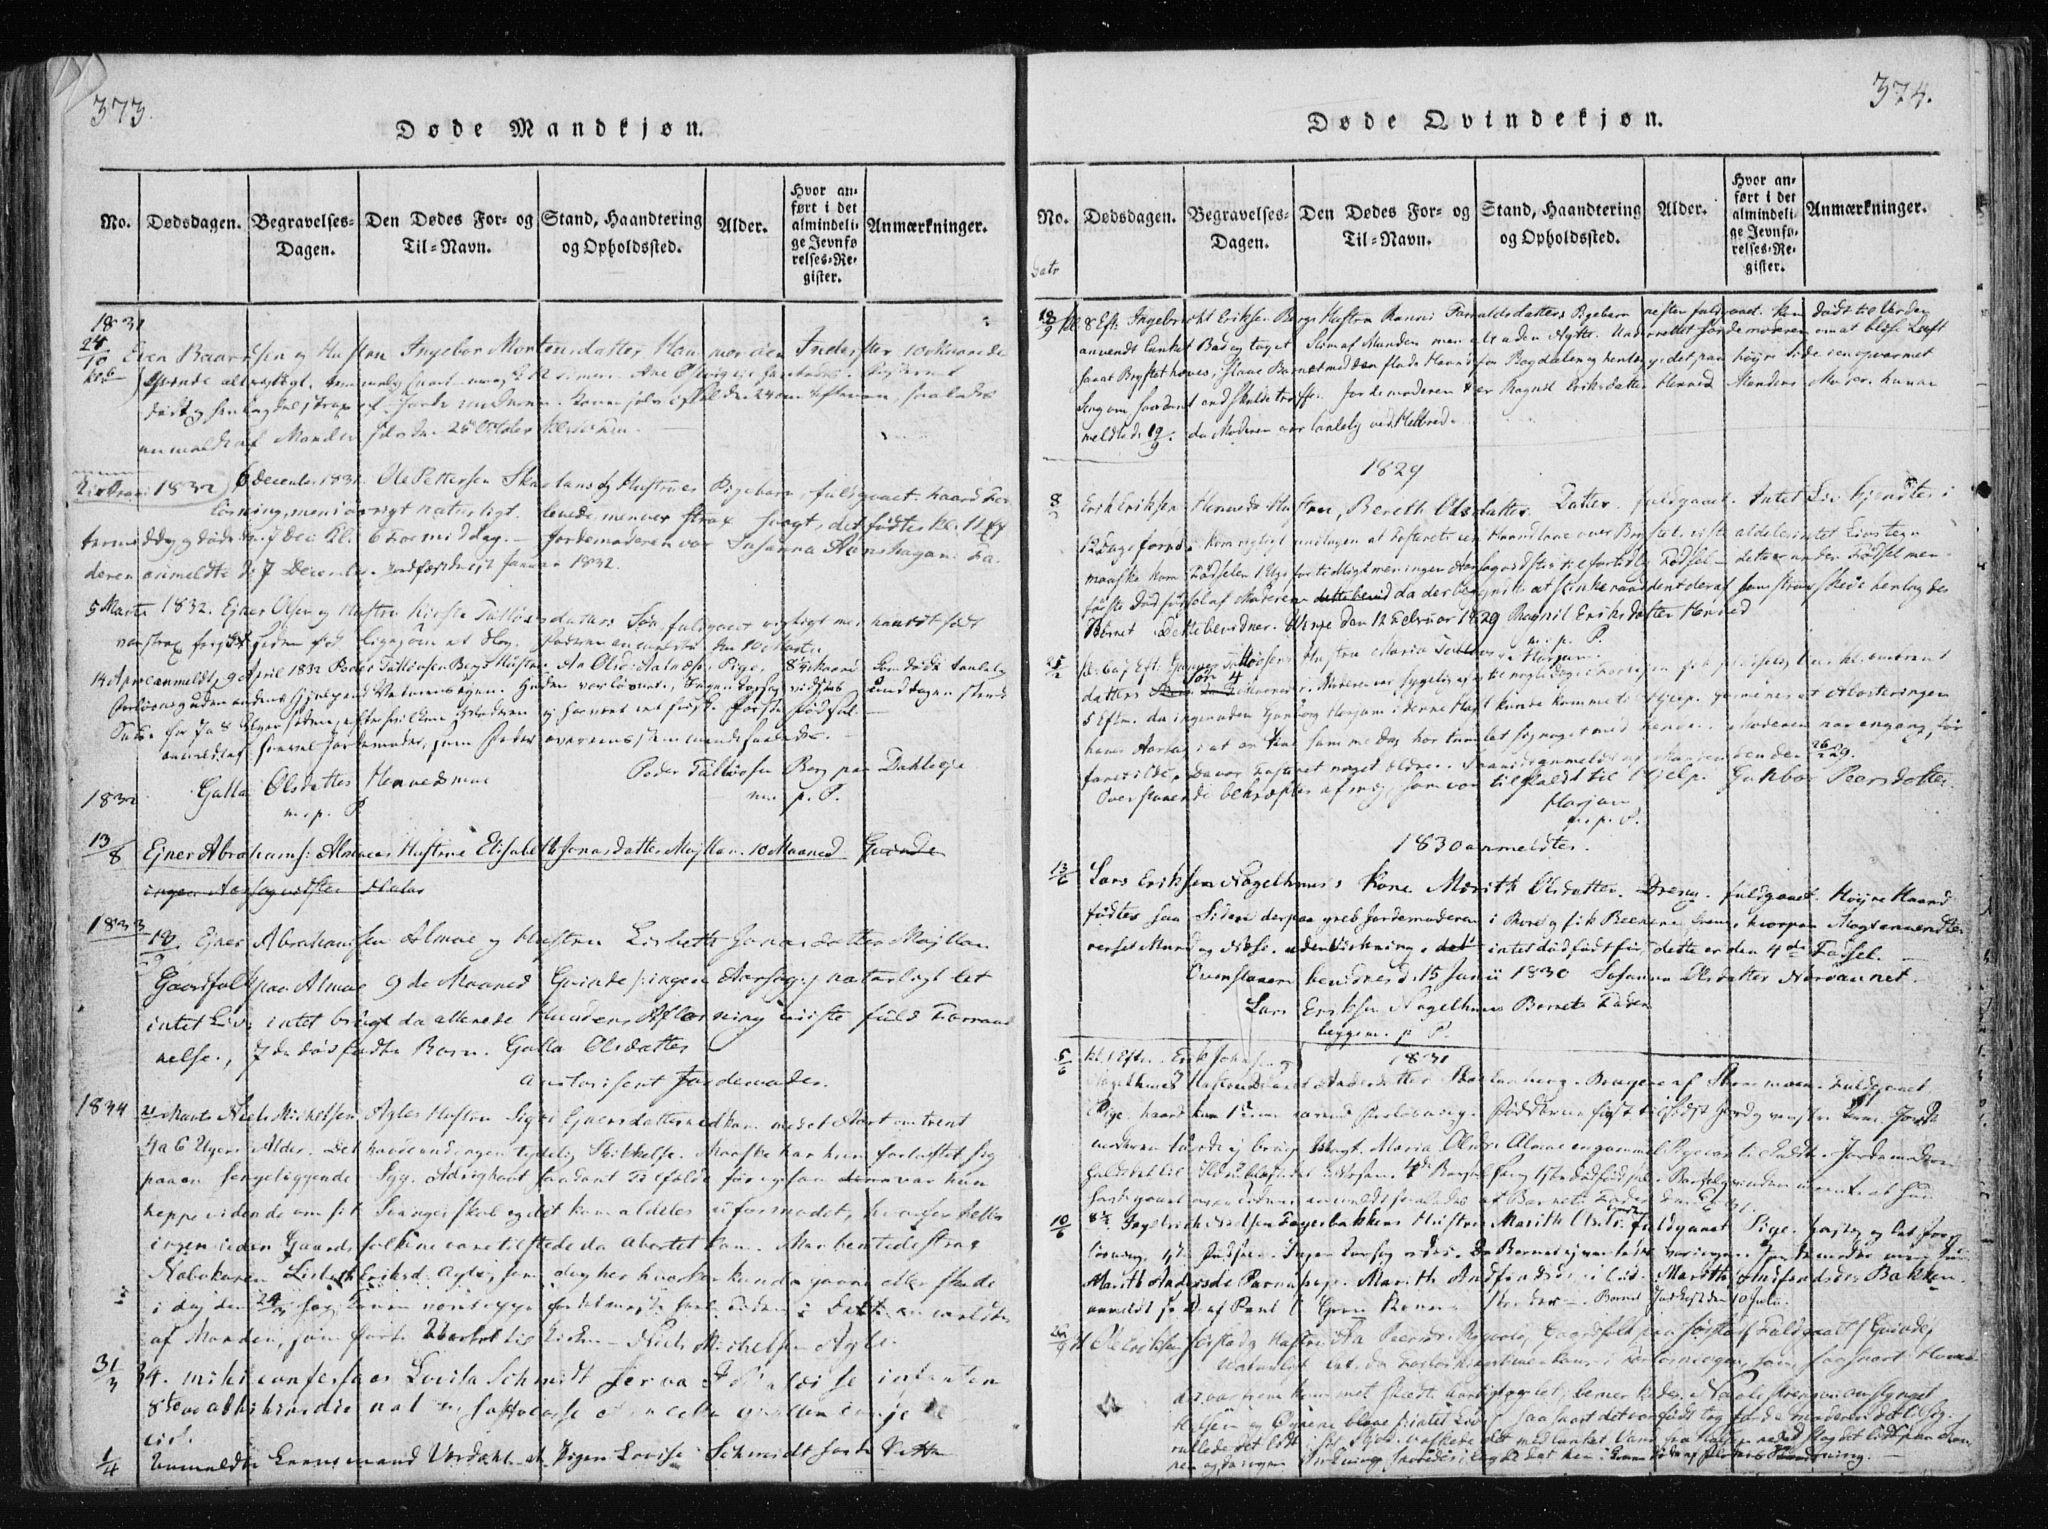 SAT, Ministerialprotokoller, klokkerbøker og fødselsregistre - Nord-Trøndelag, 749/L0469: Ministerialbok nr. 749A03, 1817-1857, s. 373-374